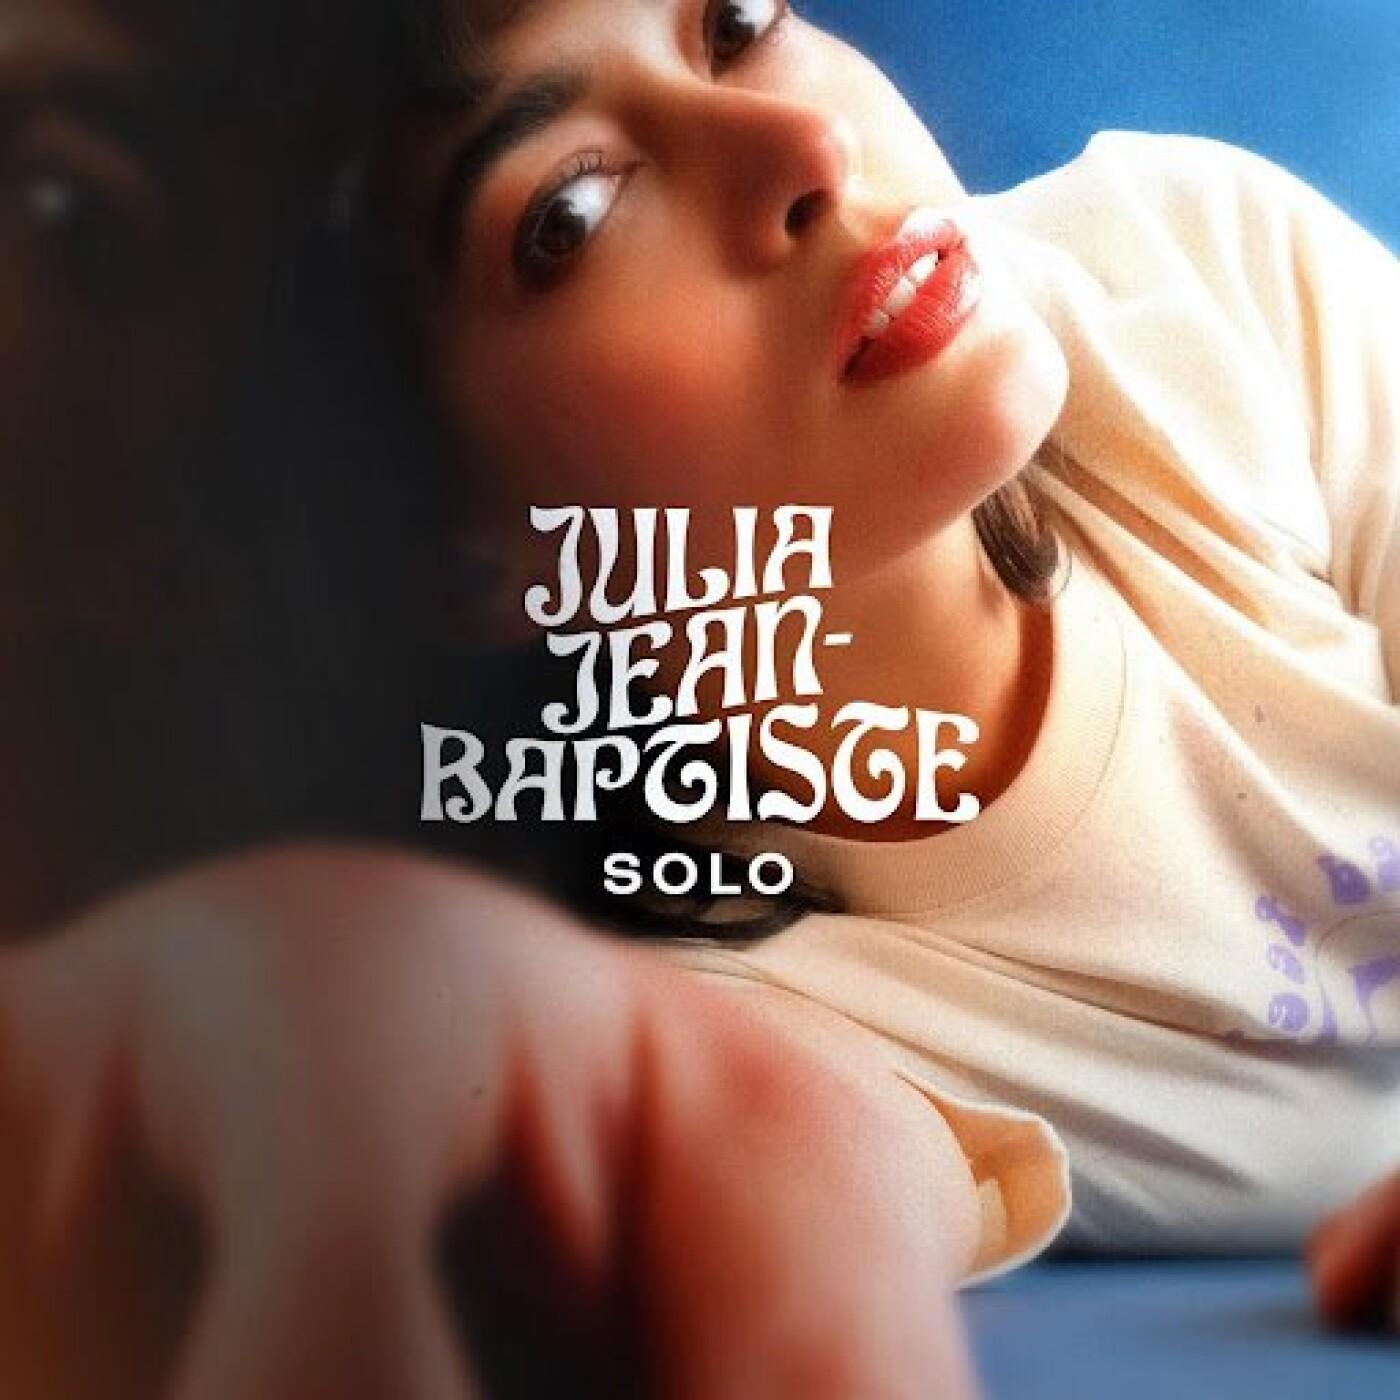 """Julia Jean Baptiste présente son titre """"Solo"""" - 22 09 2021 - StereoChic Radio"""